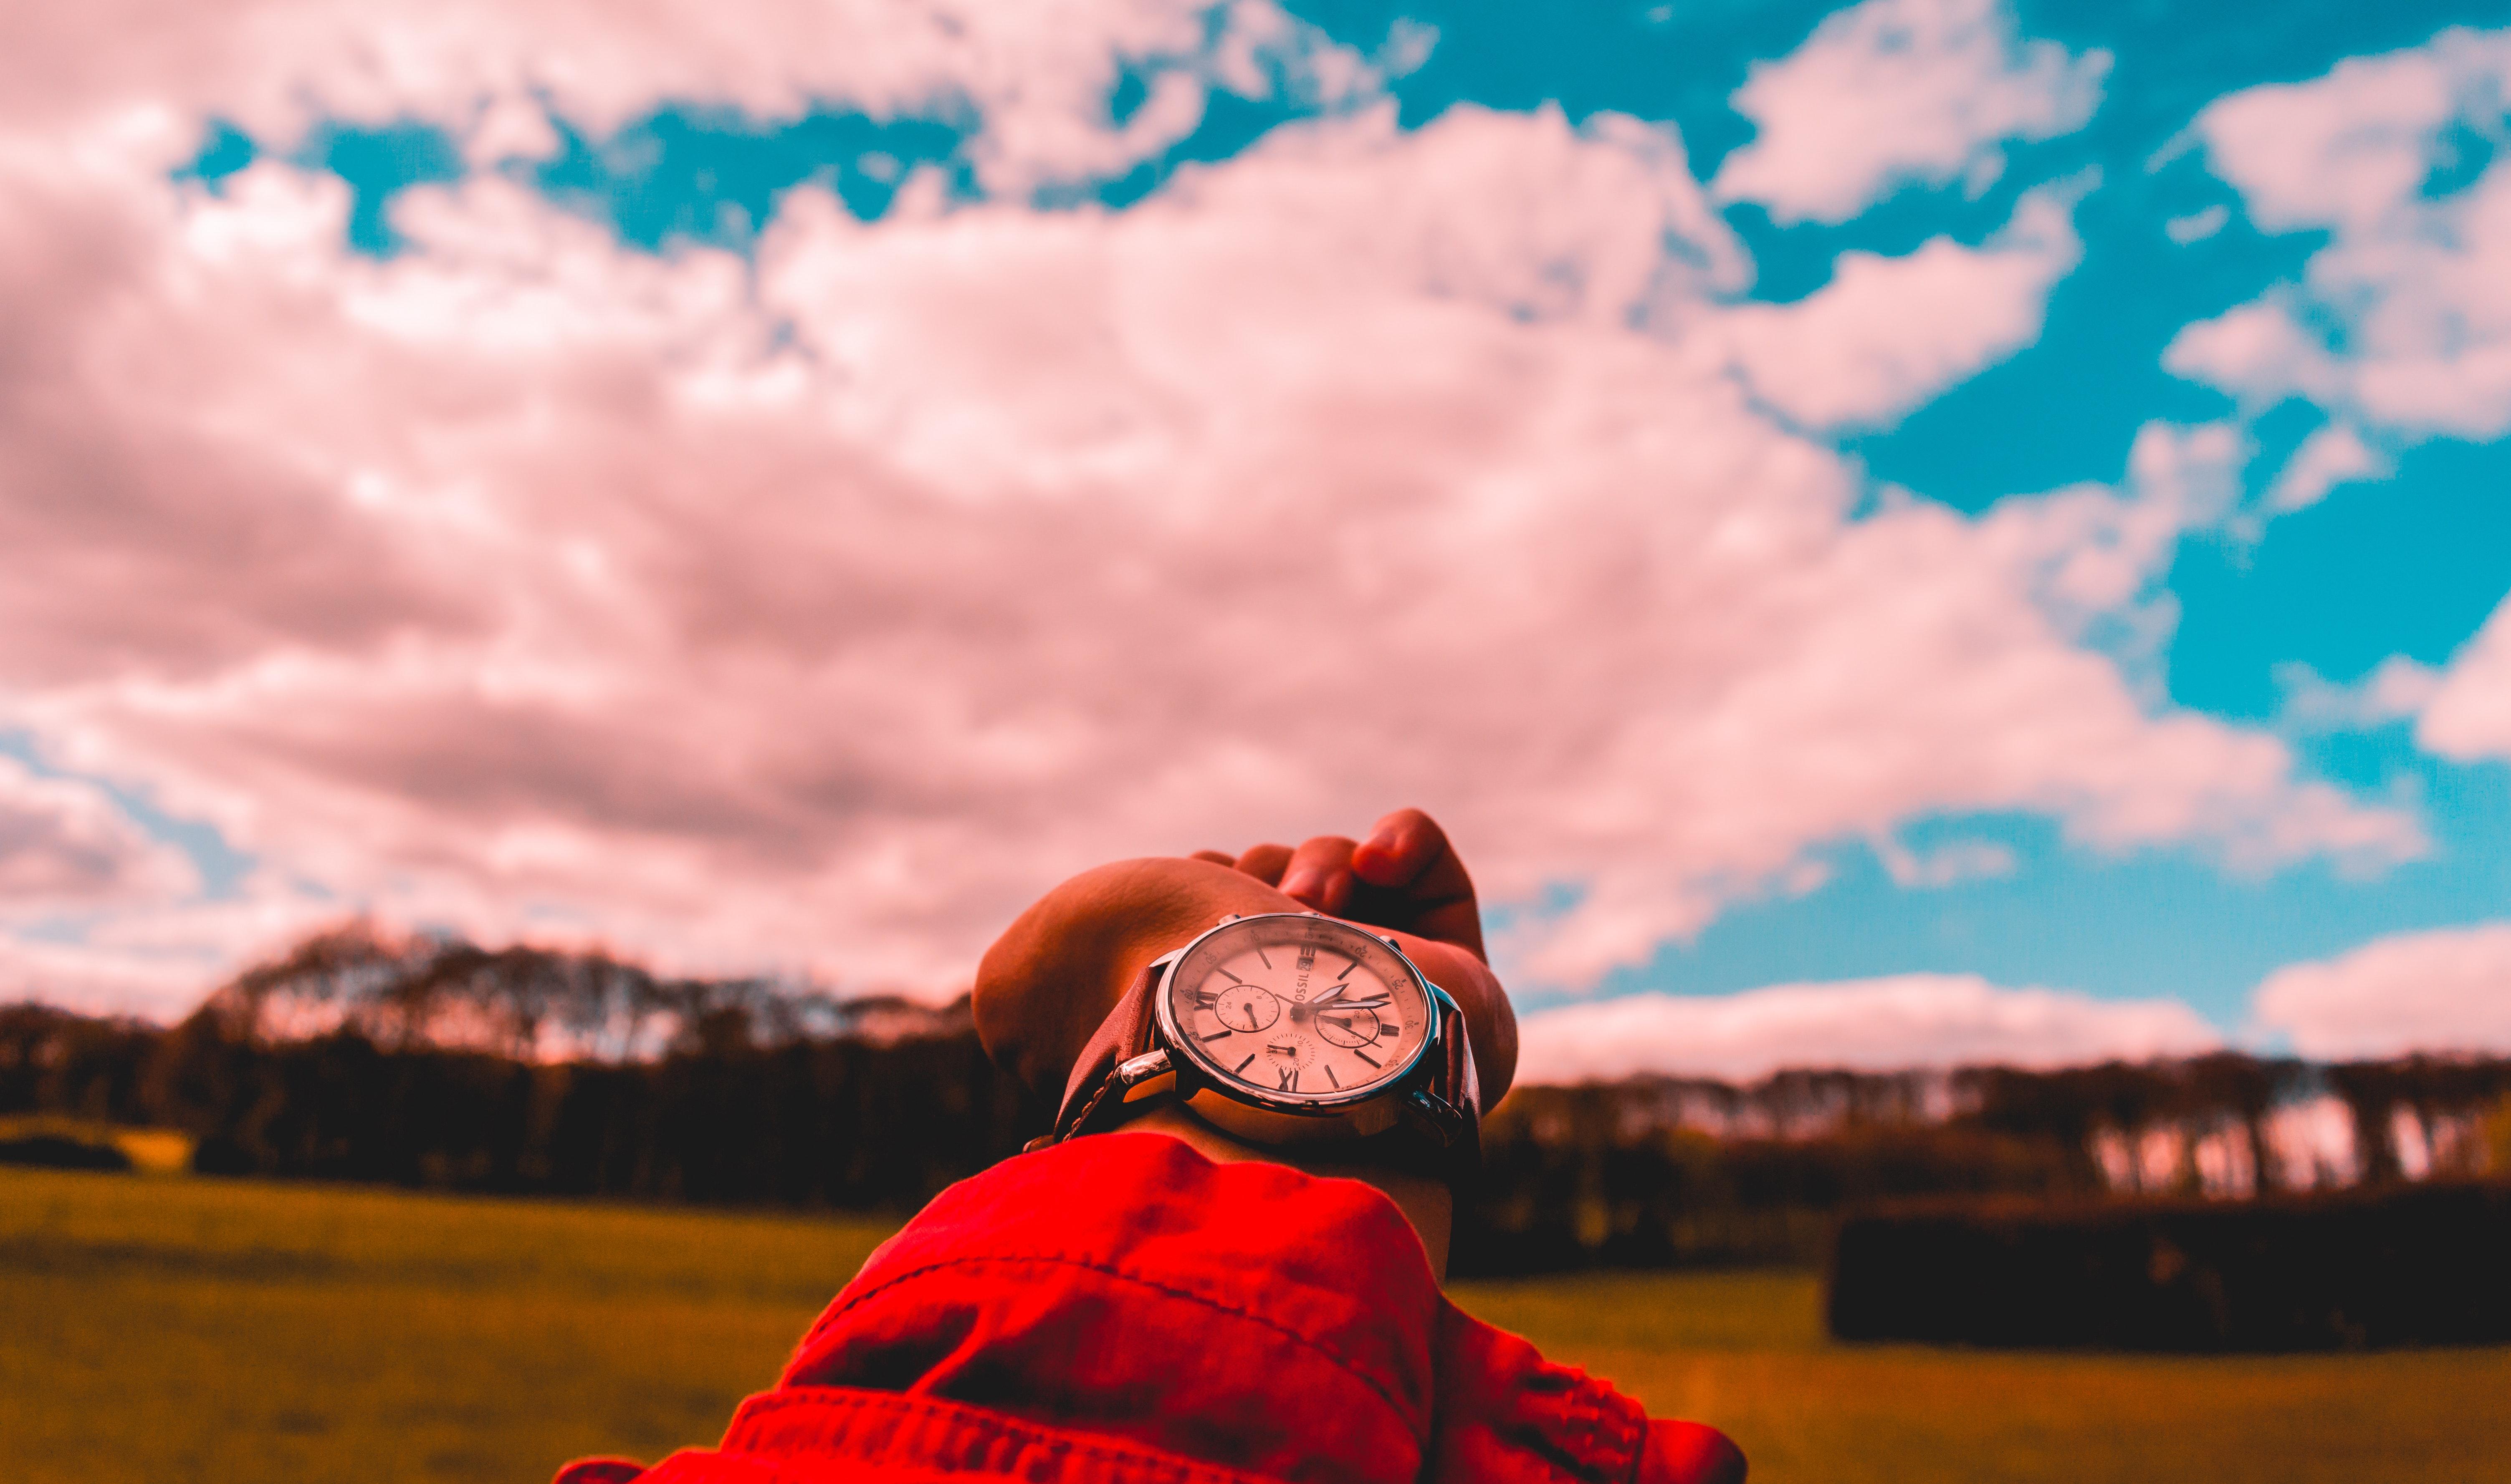 braço com relógio apontando o cel